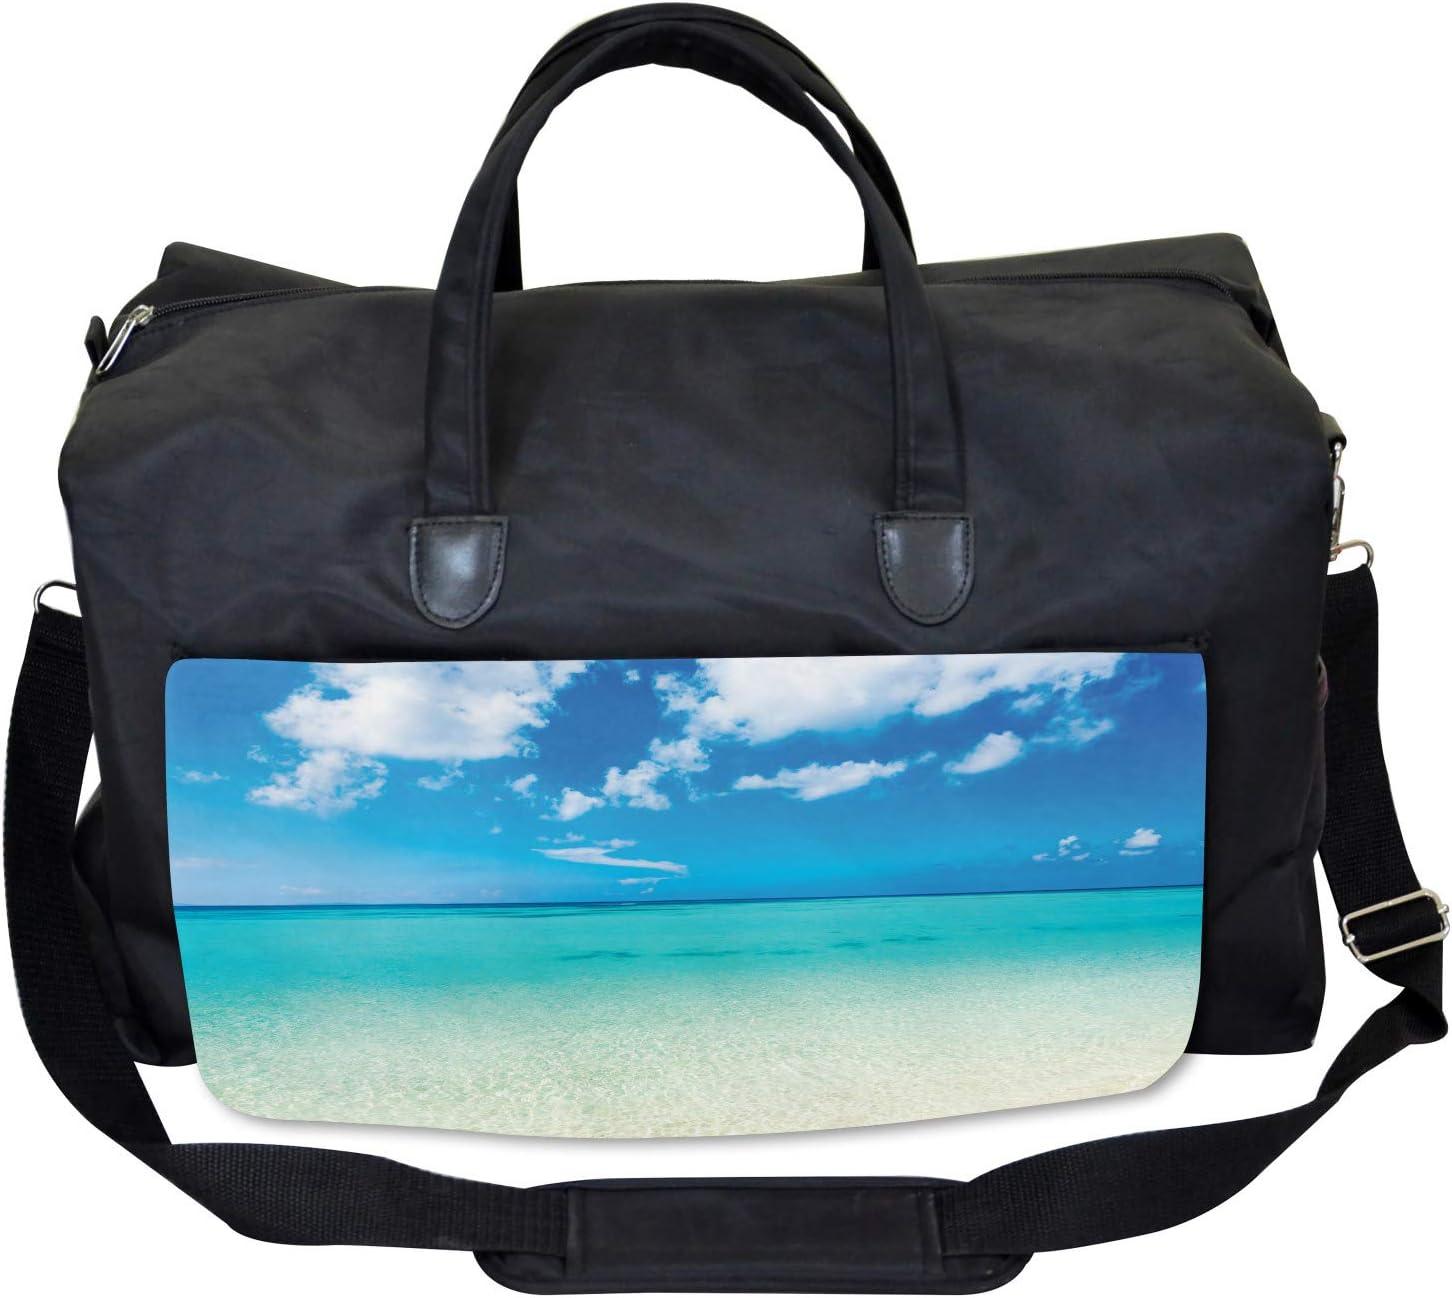 Ocean Dreamy Sea Beach Large Weekender Carry-on Ambesonne Summer Gym Bag